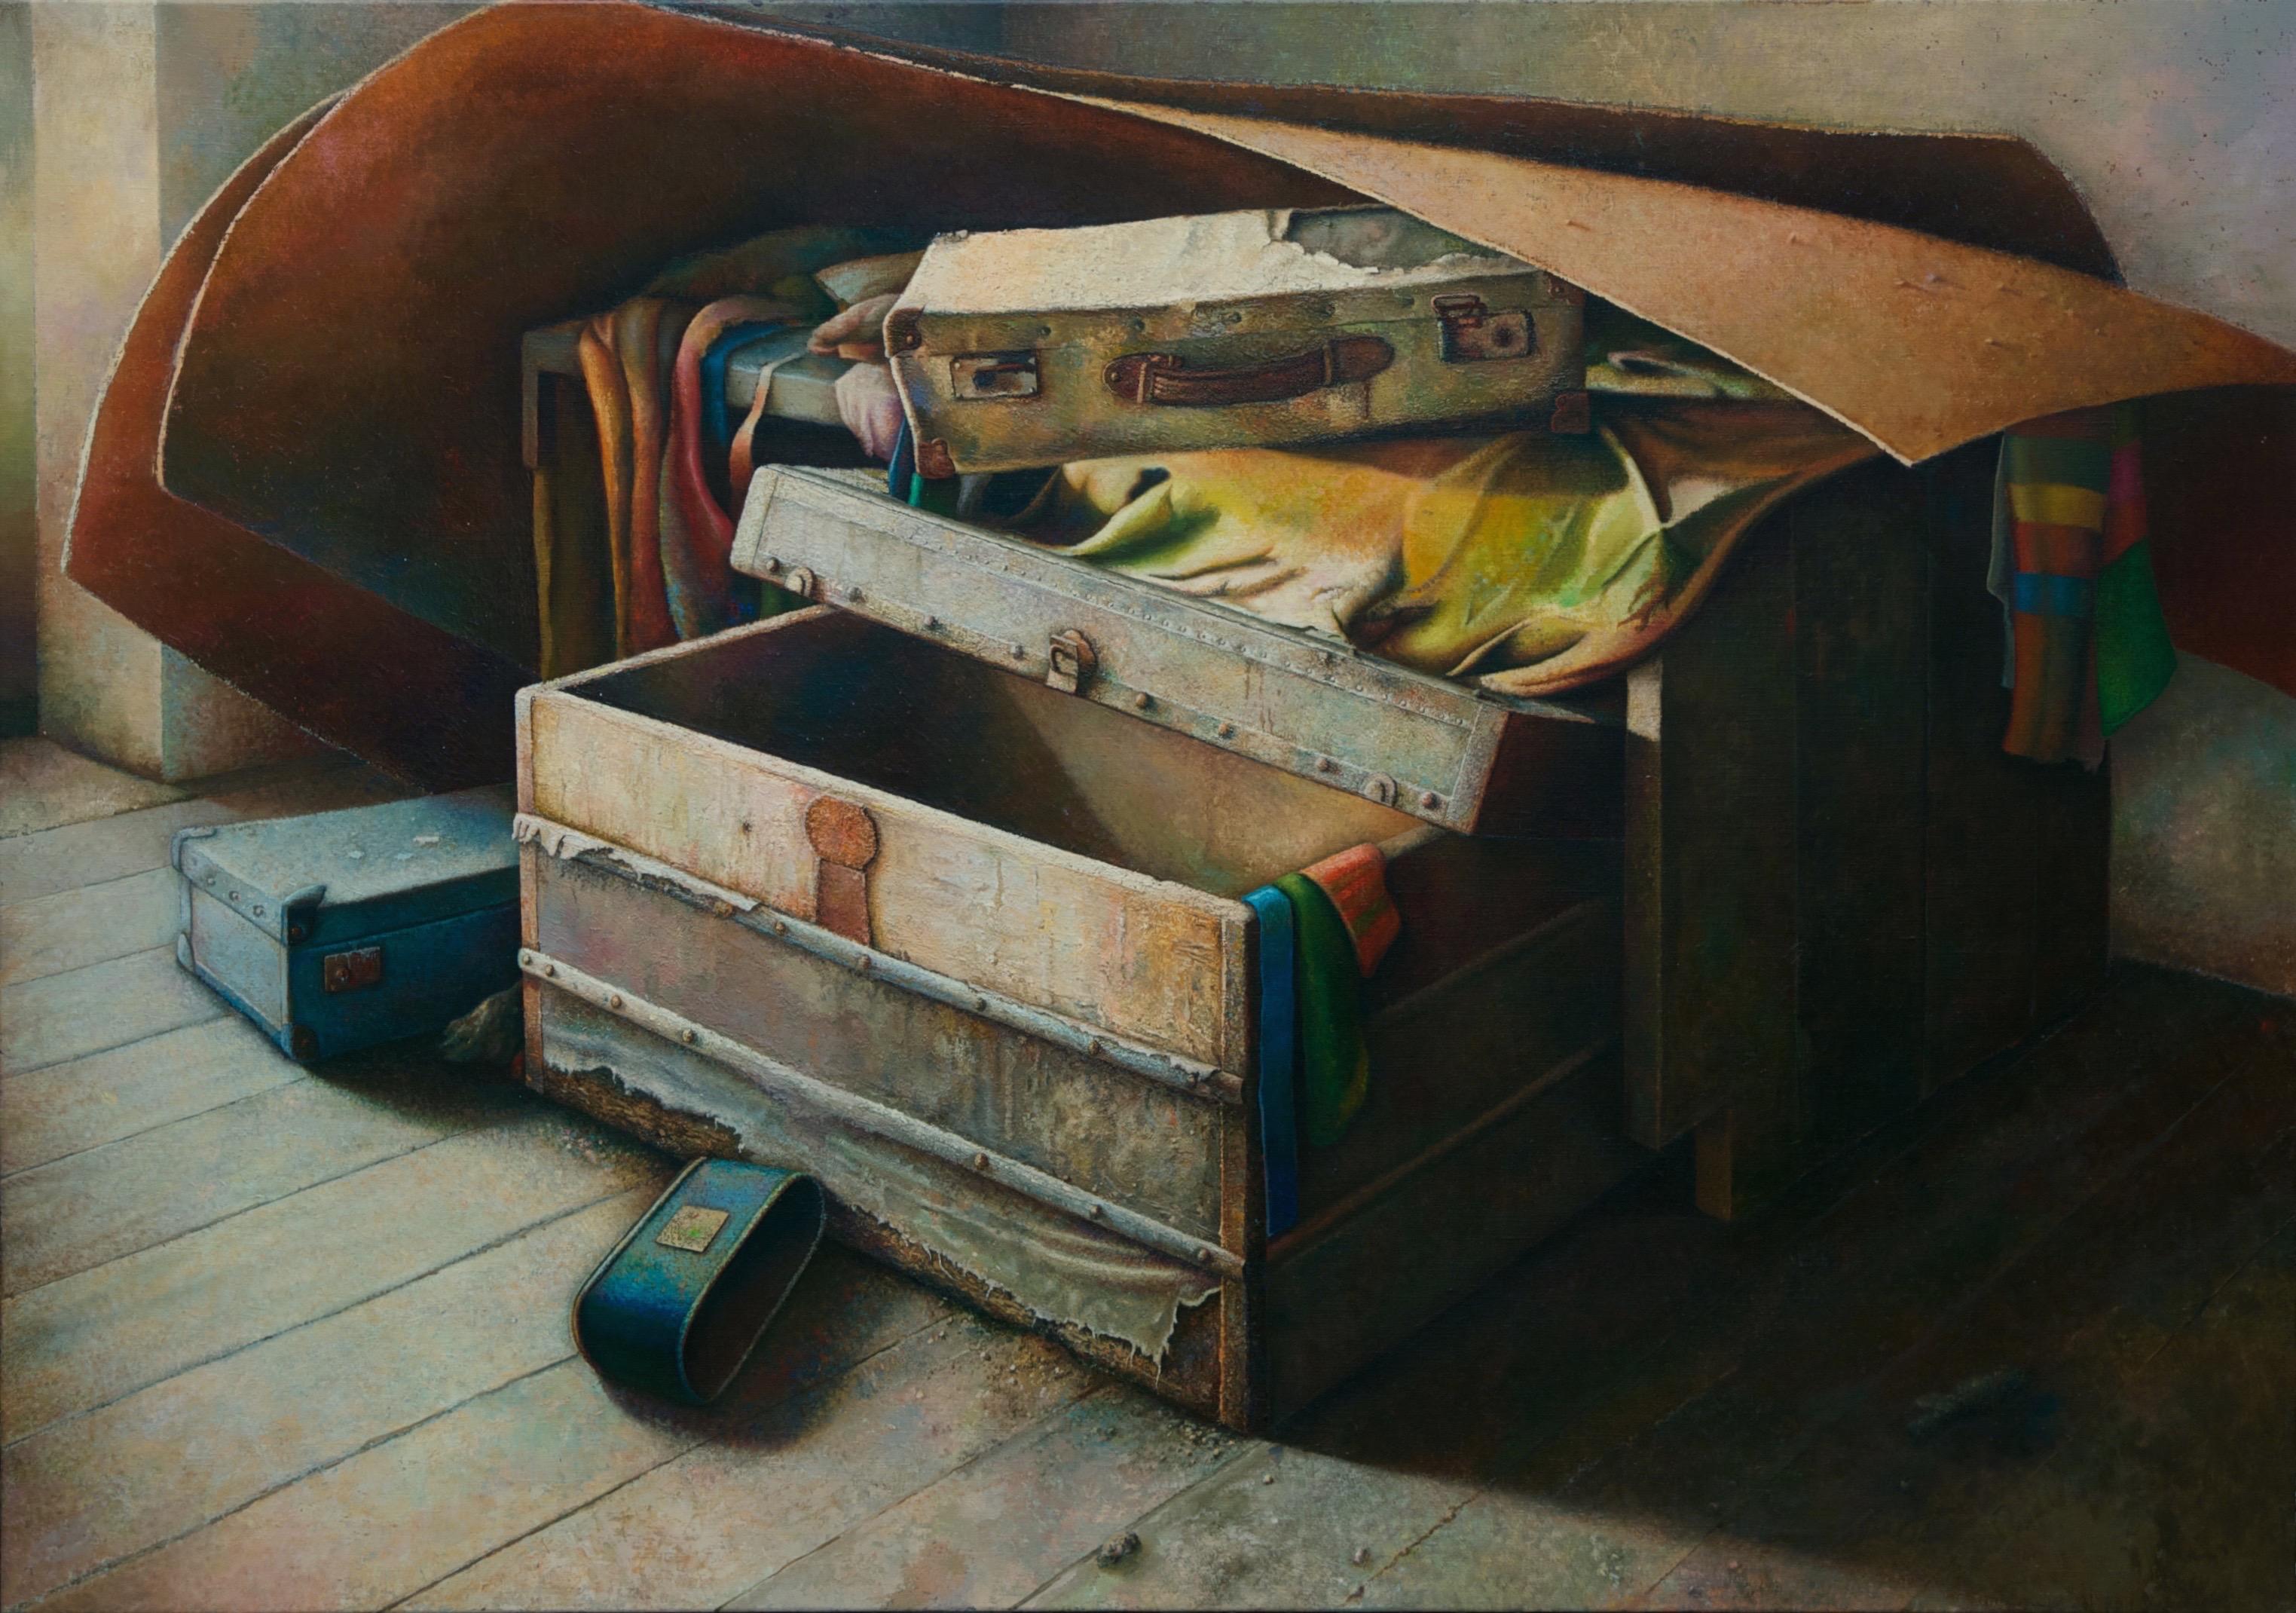 BAÚL Y MALETAS EN SOTO . Óleo sobre lienzo 146 x 114 cm. 2013-16